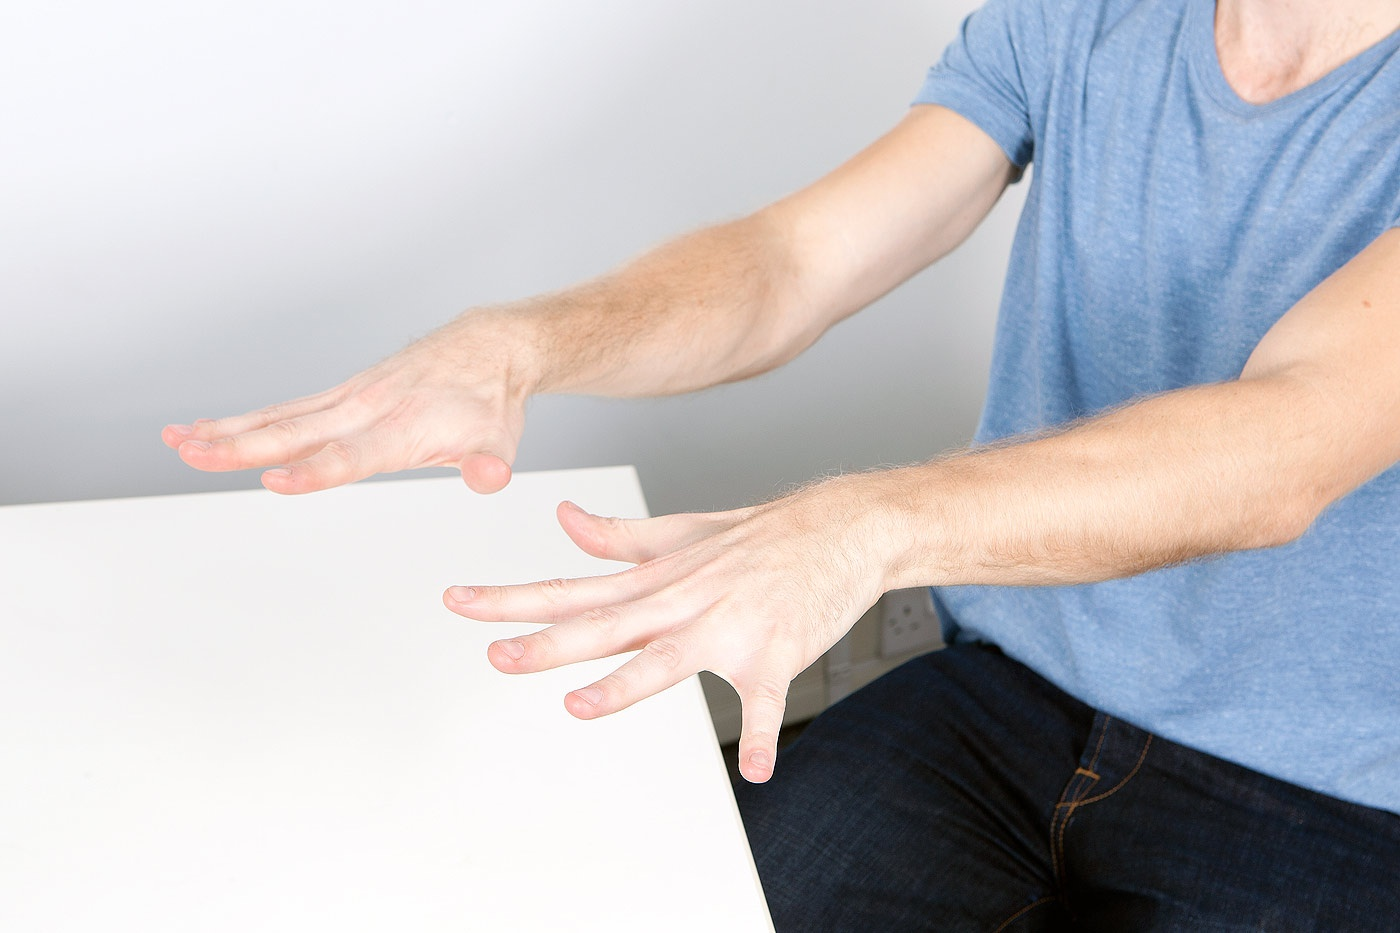 Finger abduction